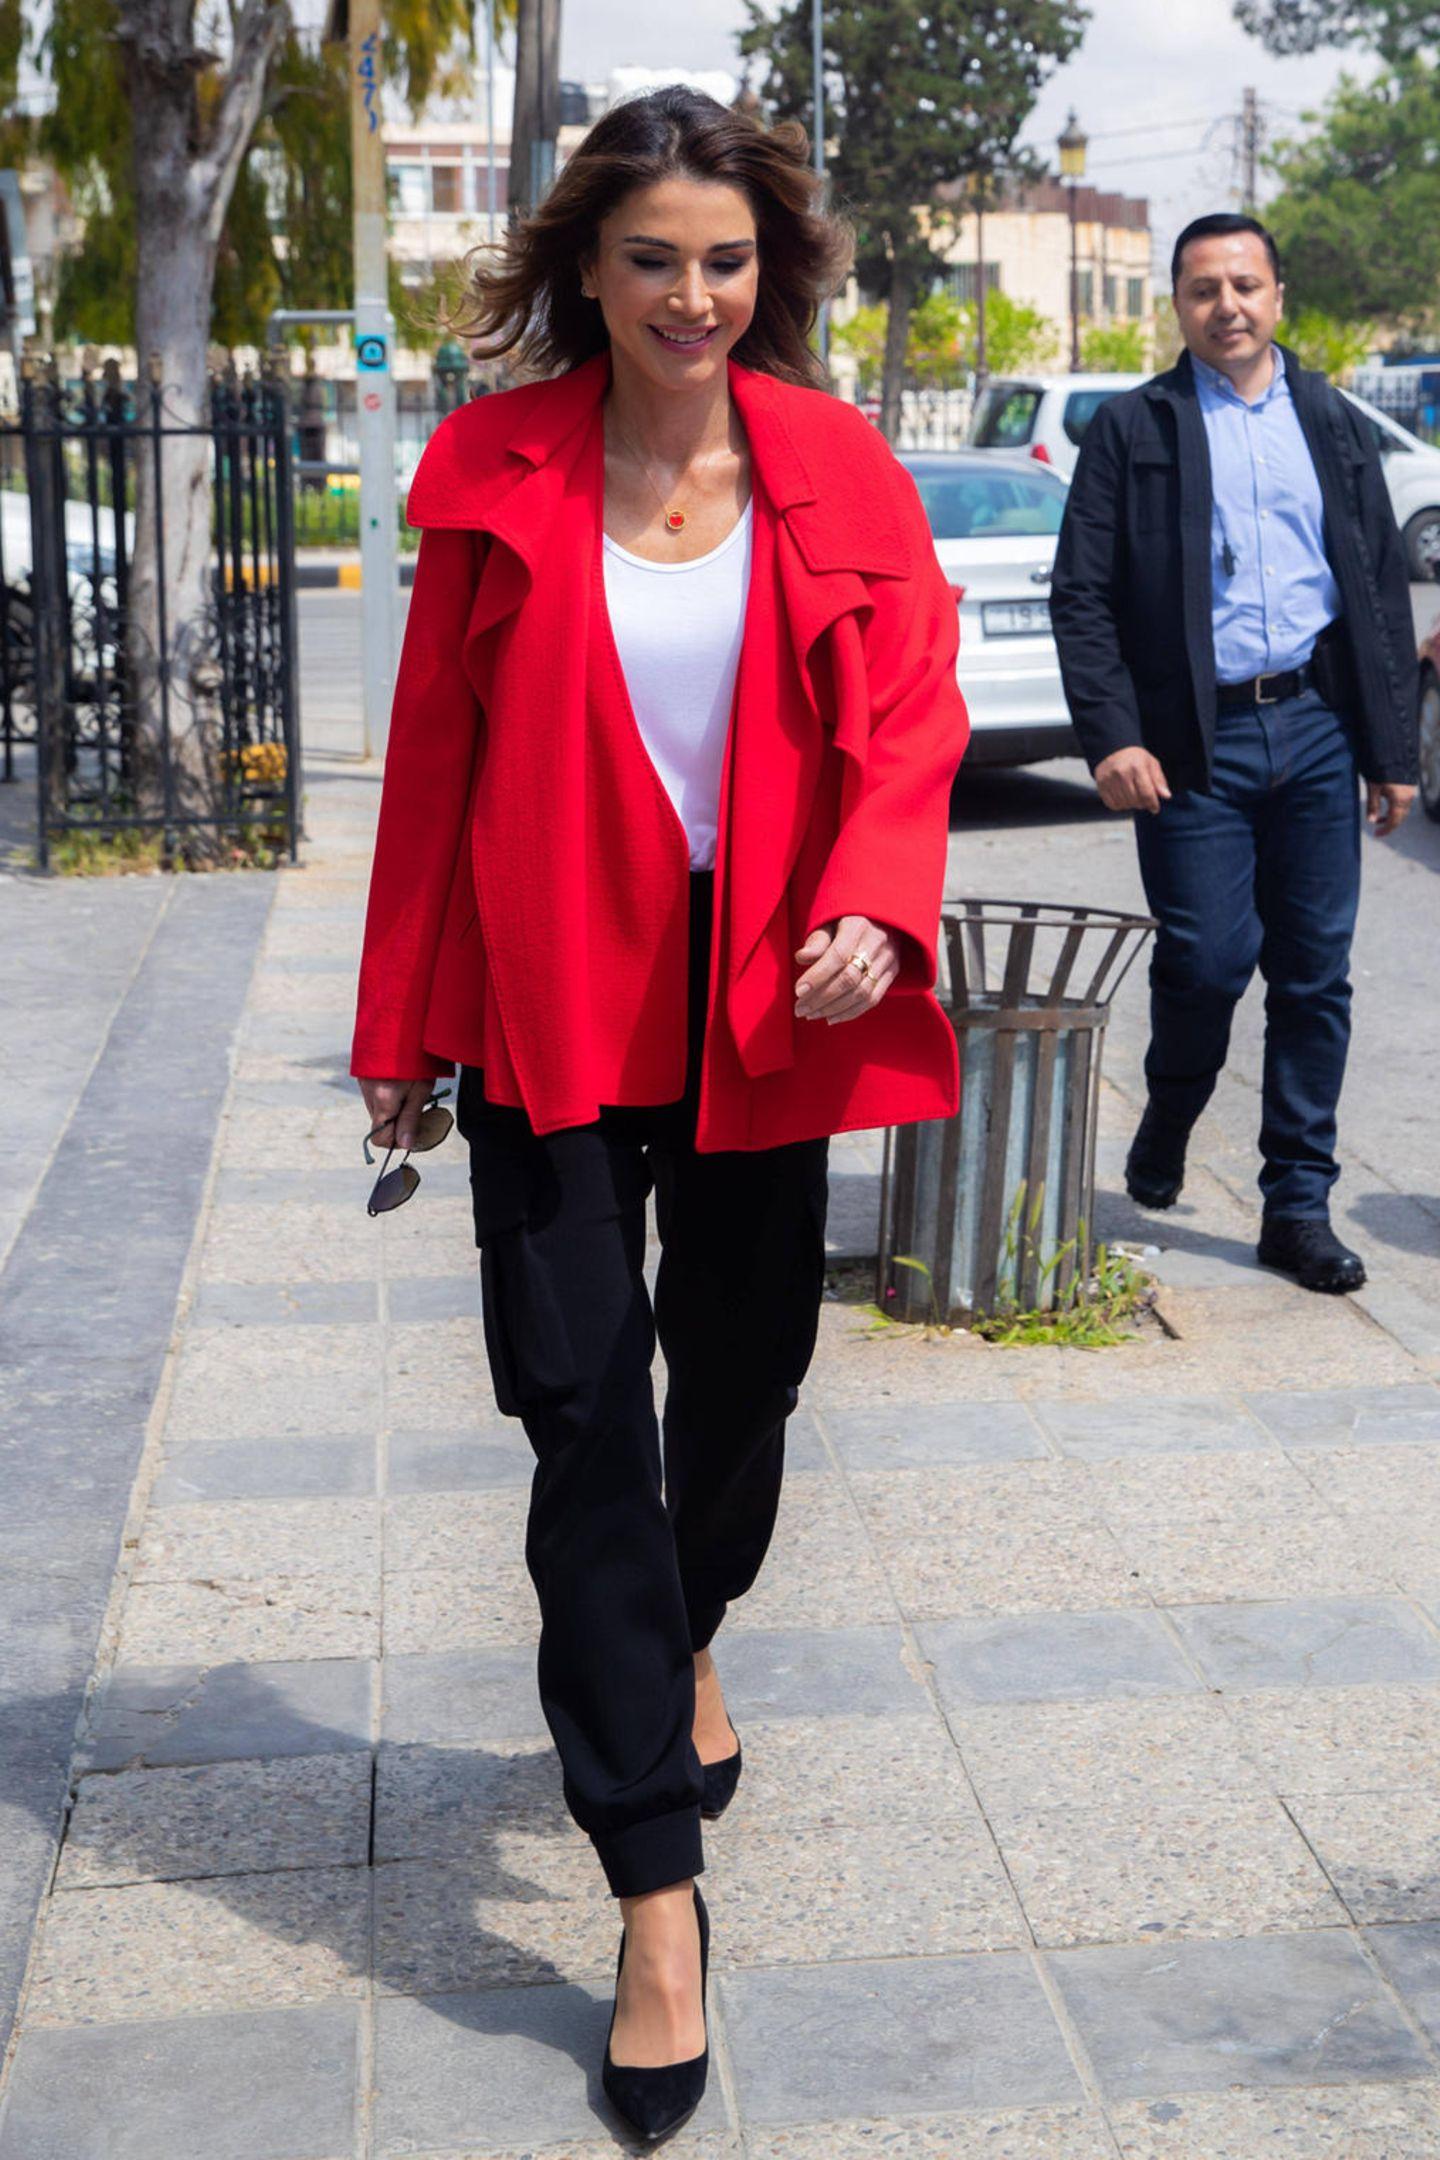 Königin Rania weiß, wie sie ein schlichtes Outfit schnell zum Hingucker werden lassen kann. Zum schwarz-weißen Look zieht sie einfach eine knallrote Jacke an und wählt ein passendes Kettchen.